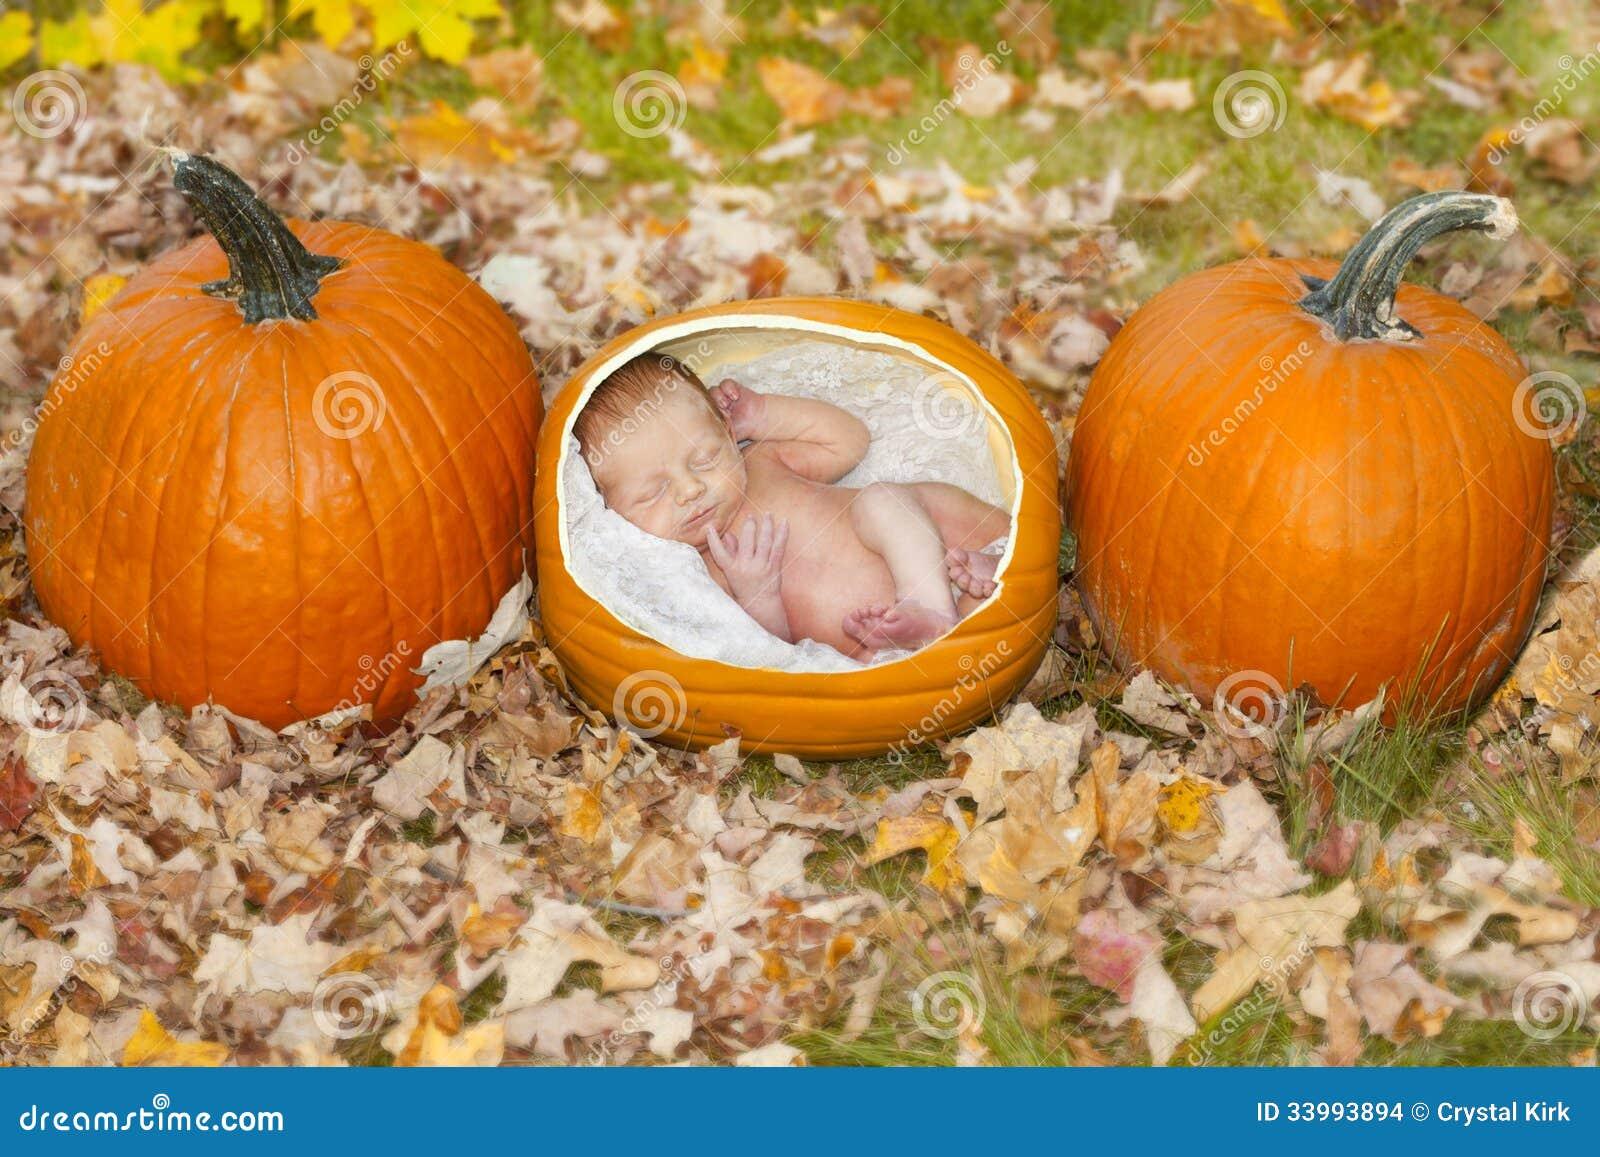 pumpkin baby stock images image 33993894. Black Bedroom Furniture Sets. Home Design Ideas